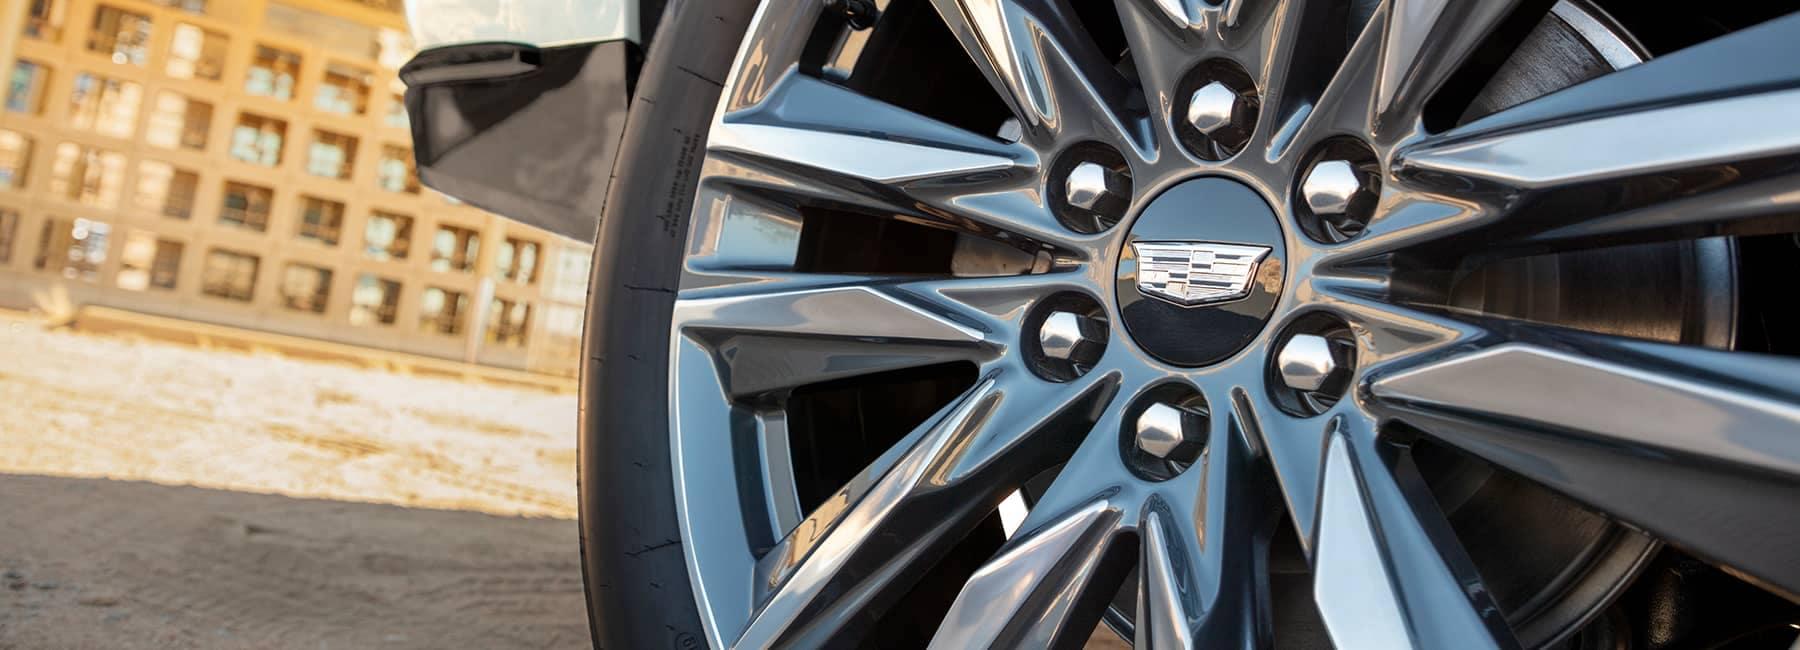 2021 Cadillac Escalade Wheel